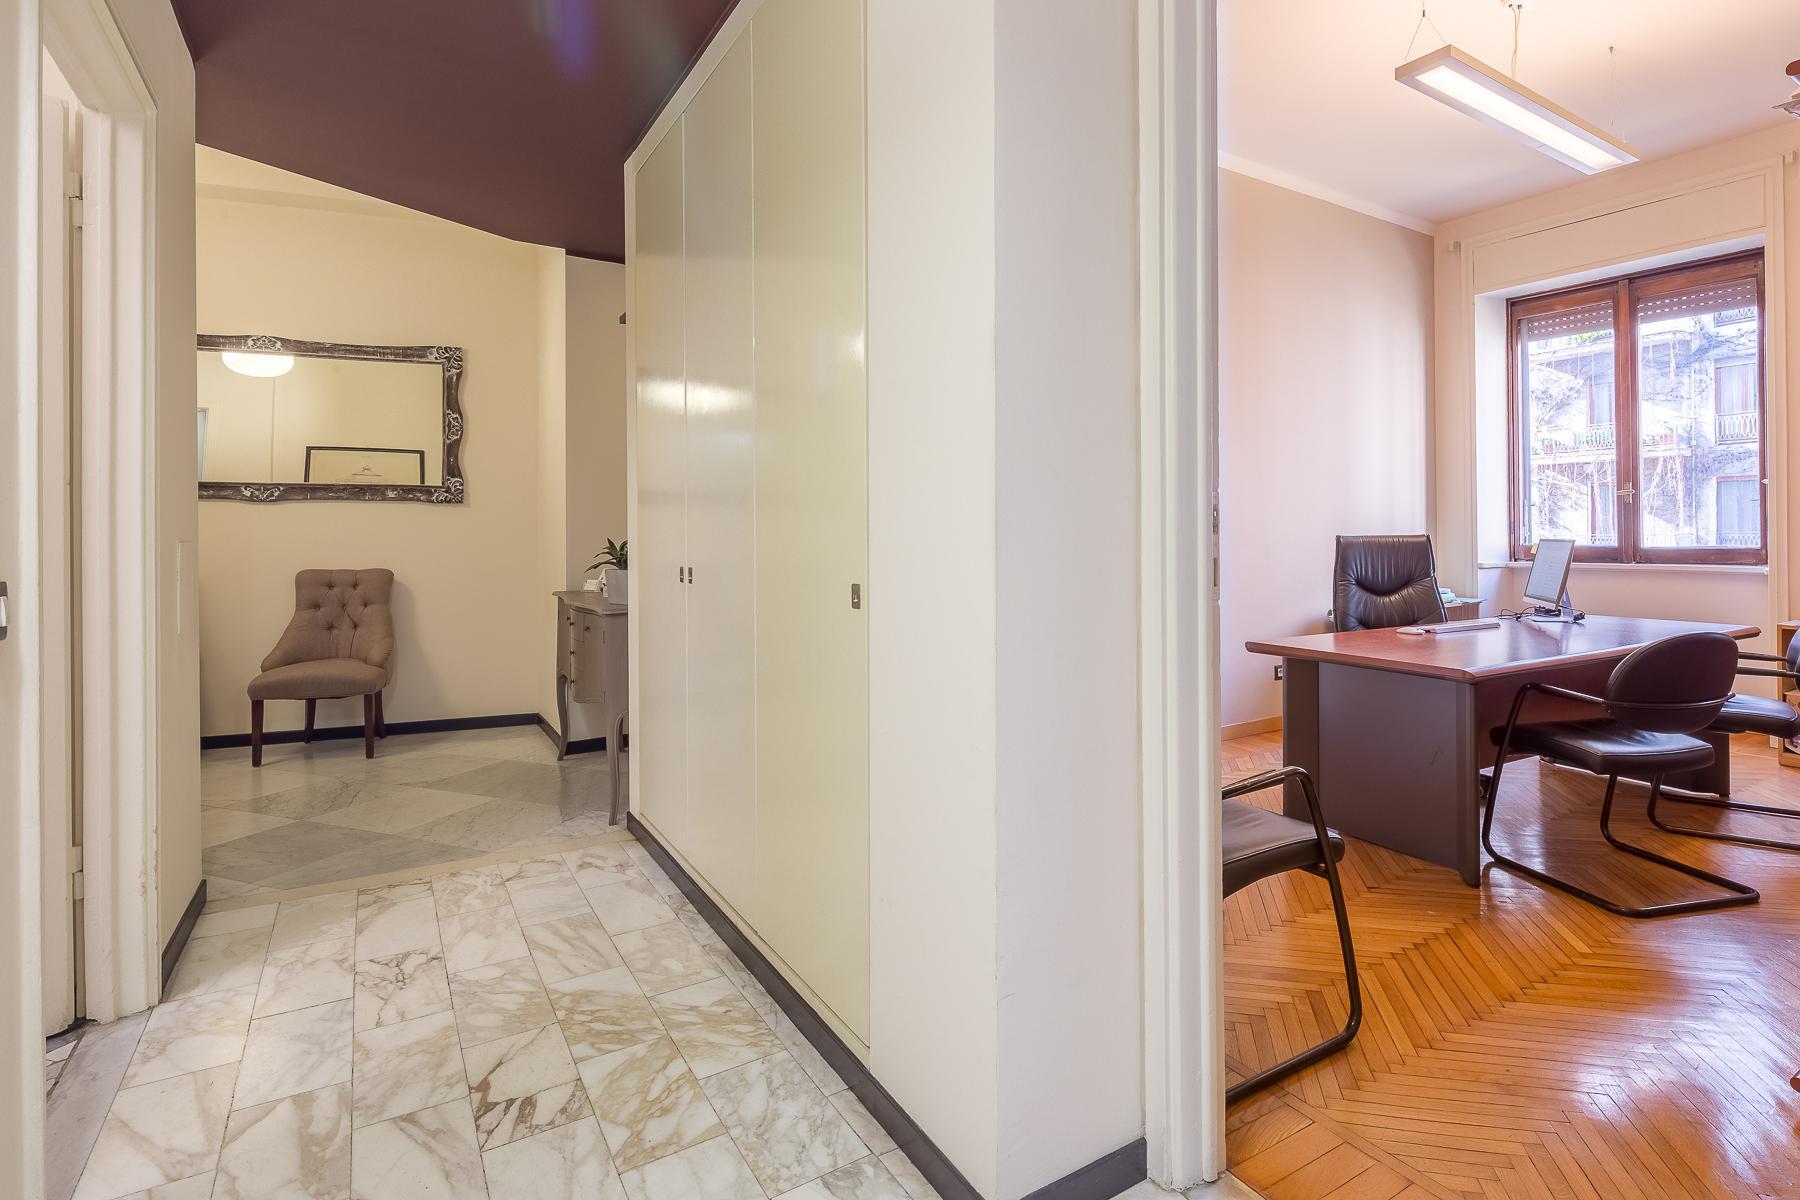 明亮的办公或住宅空间 - 9